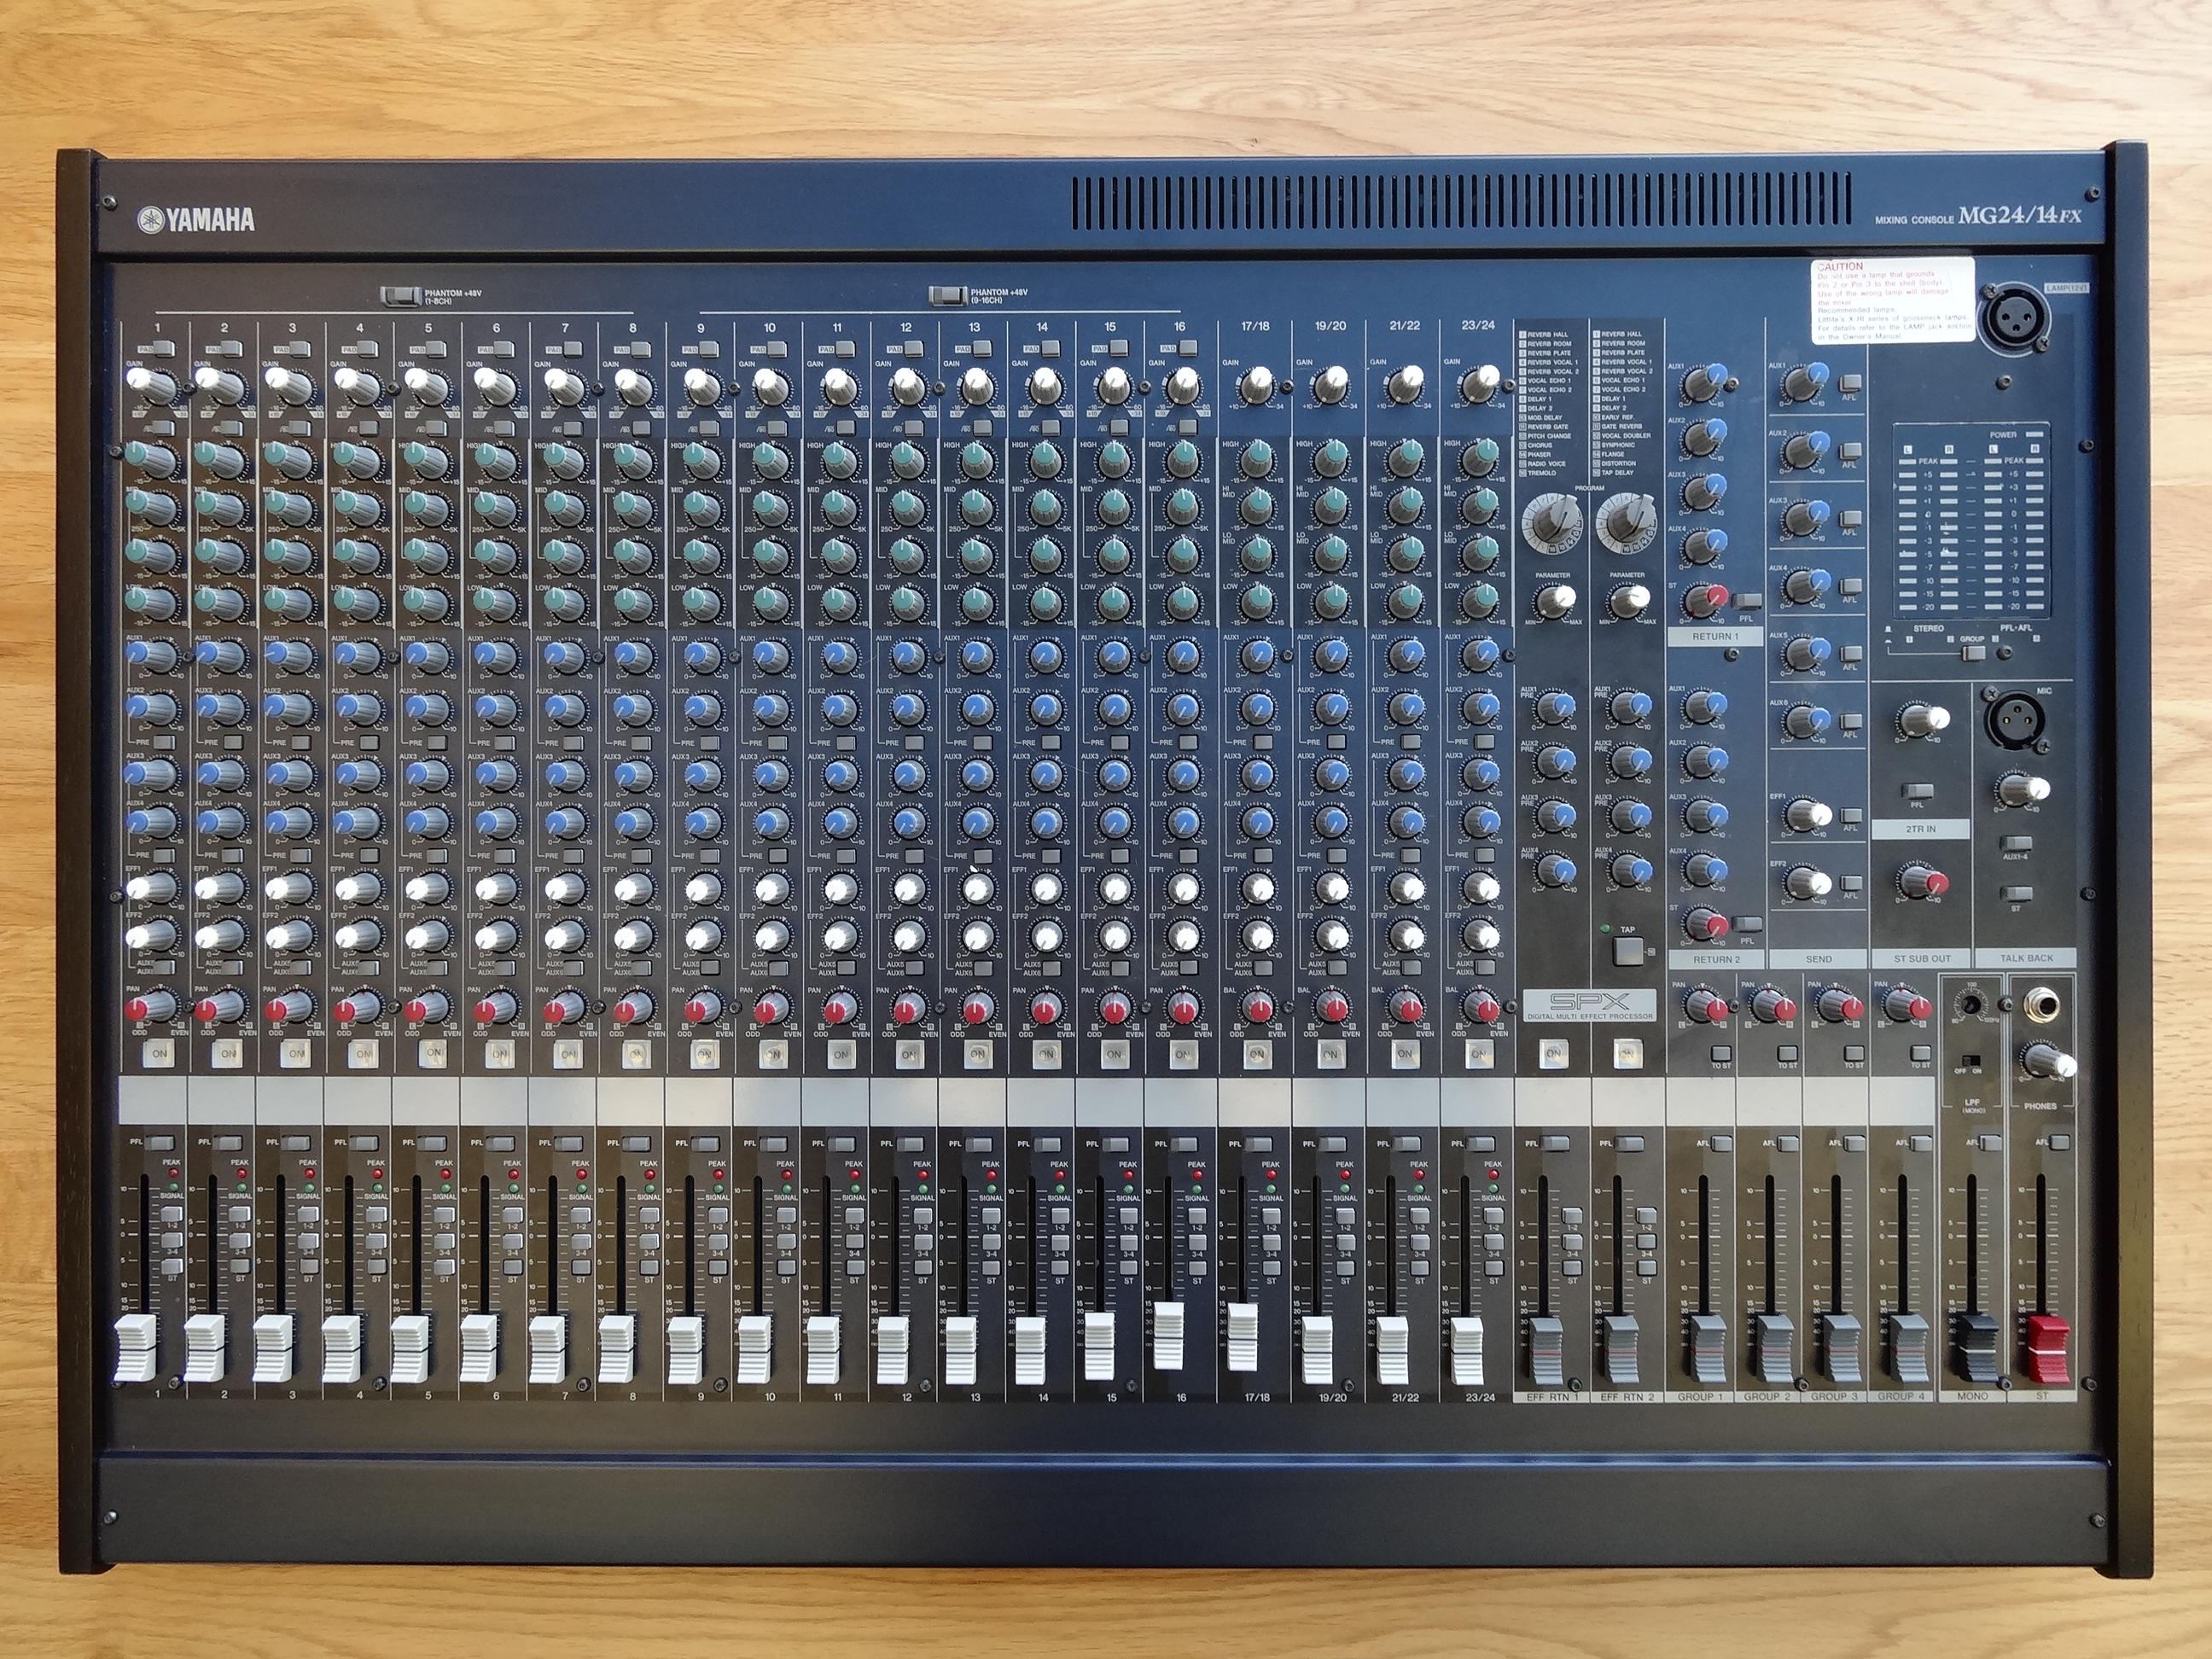 Yamaha Mg Mixer Manual